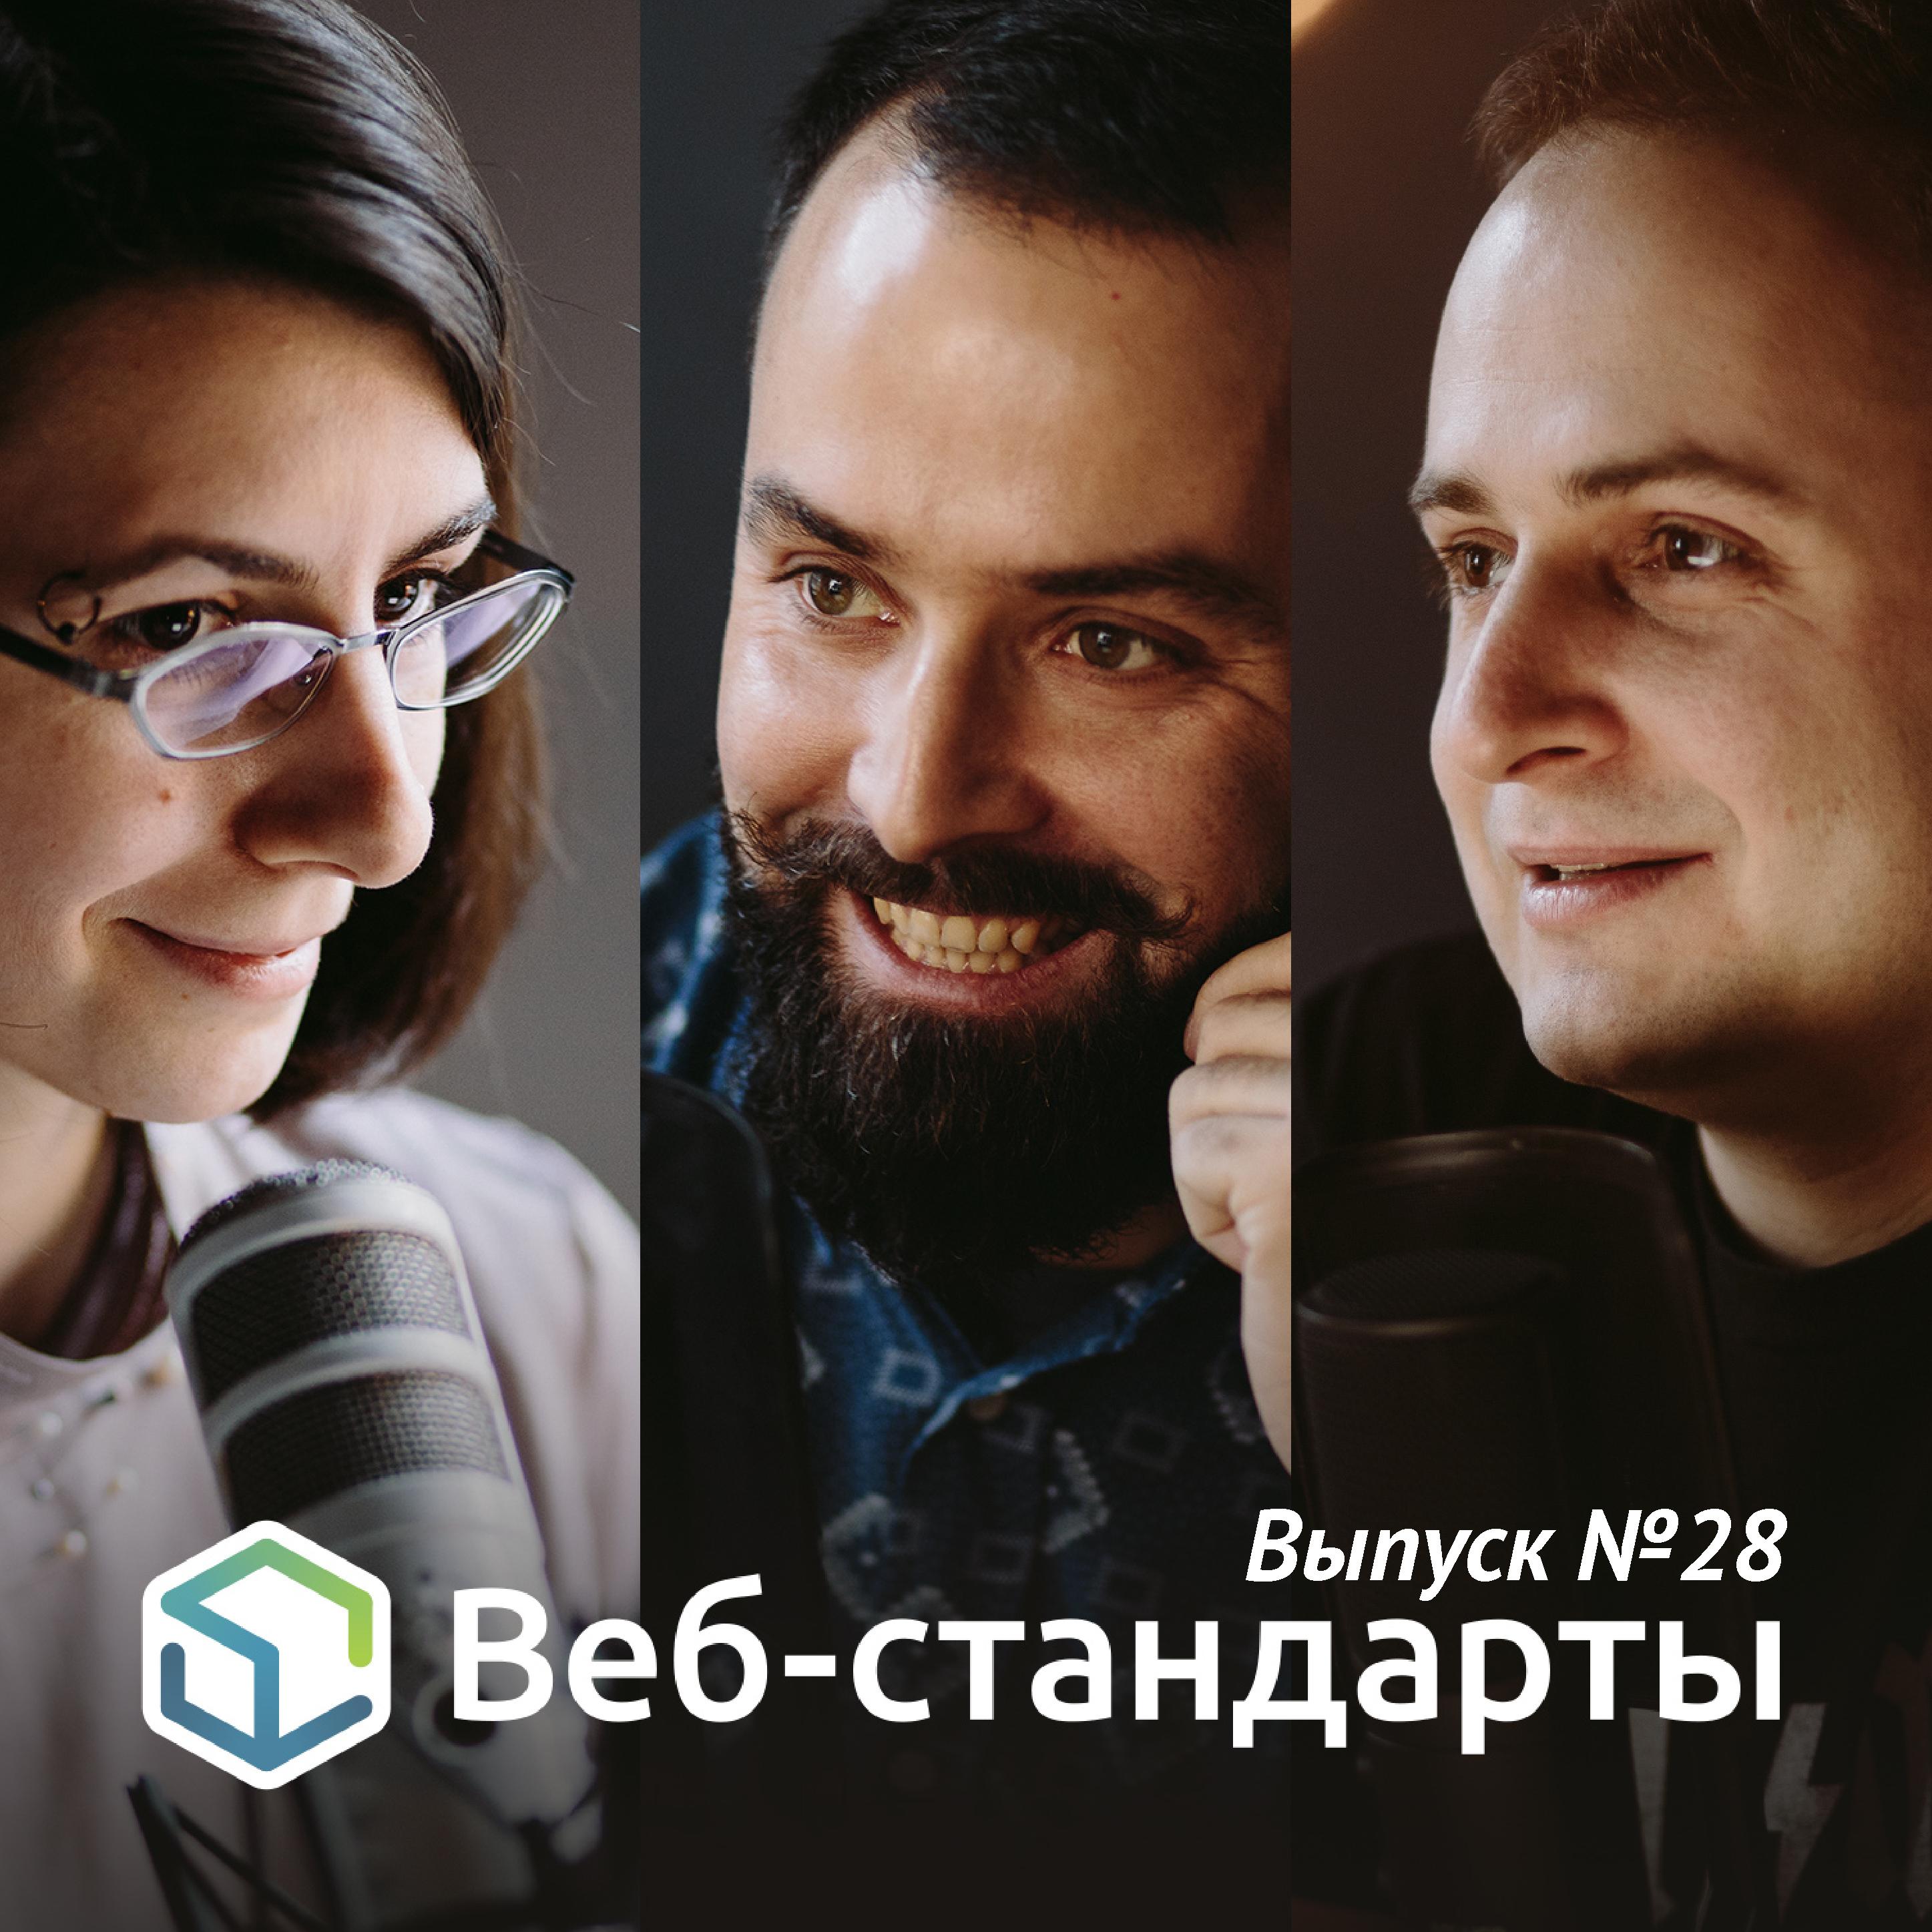 Алексей Симоненко Выпуск №28 алексей симоненко выпуск 41